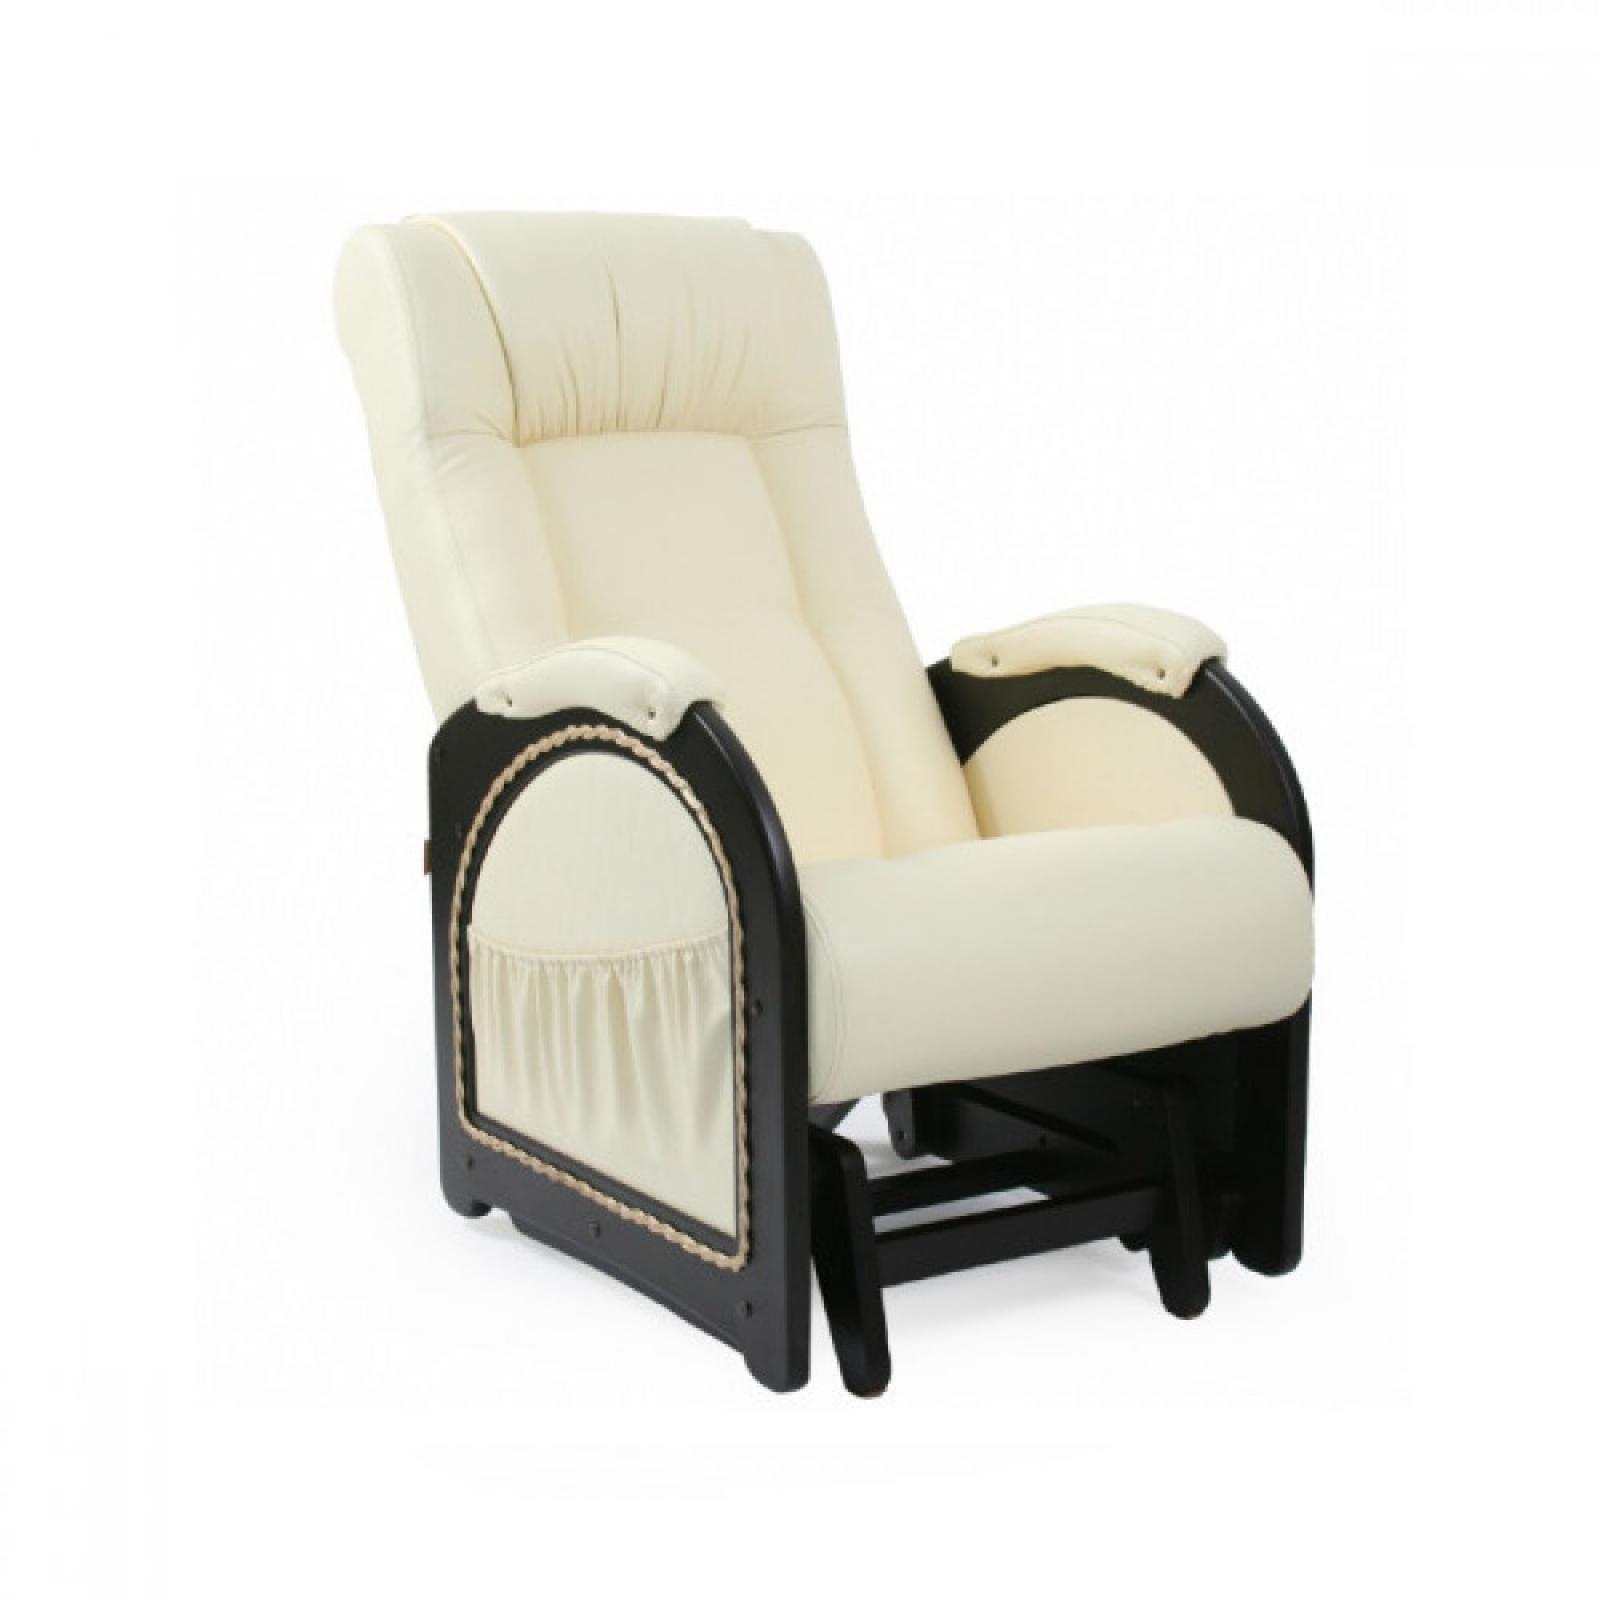 Кресло качалка Глайдер, Модель 48 (с карманами с декоративной косичкой) Венге/Манго 002 - 1